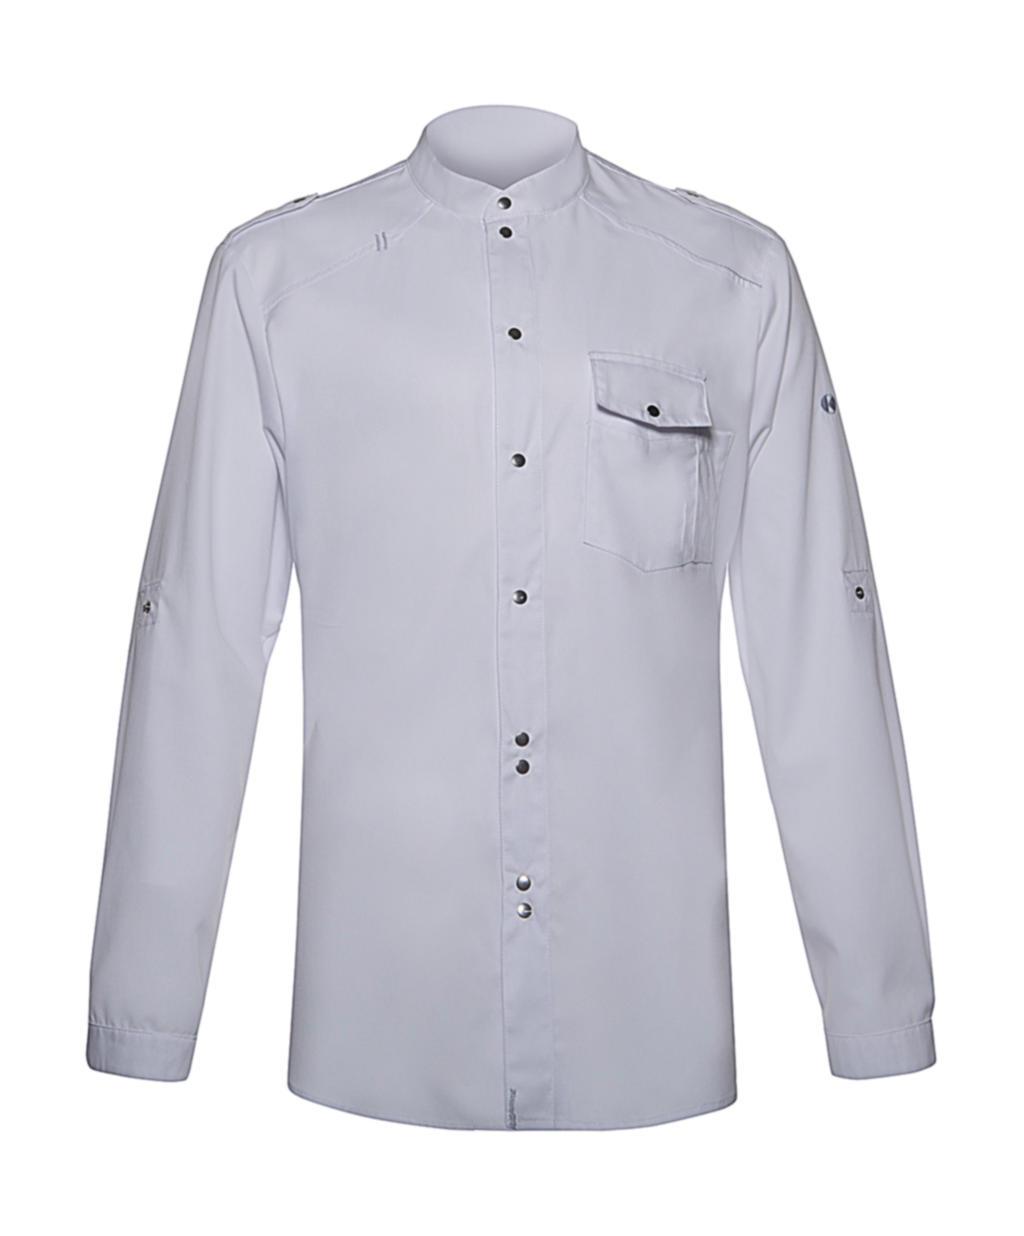 Chef Shirt New Identity